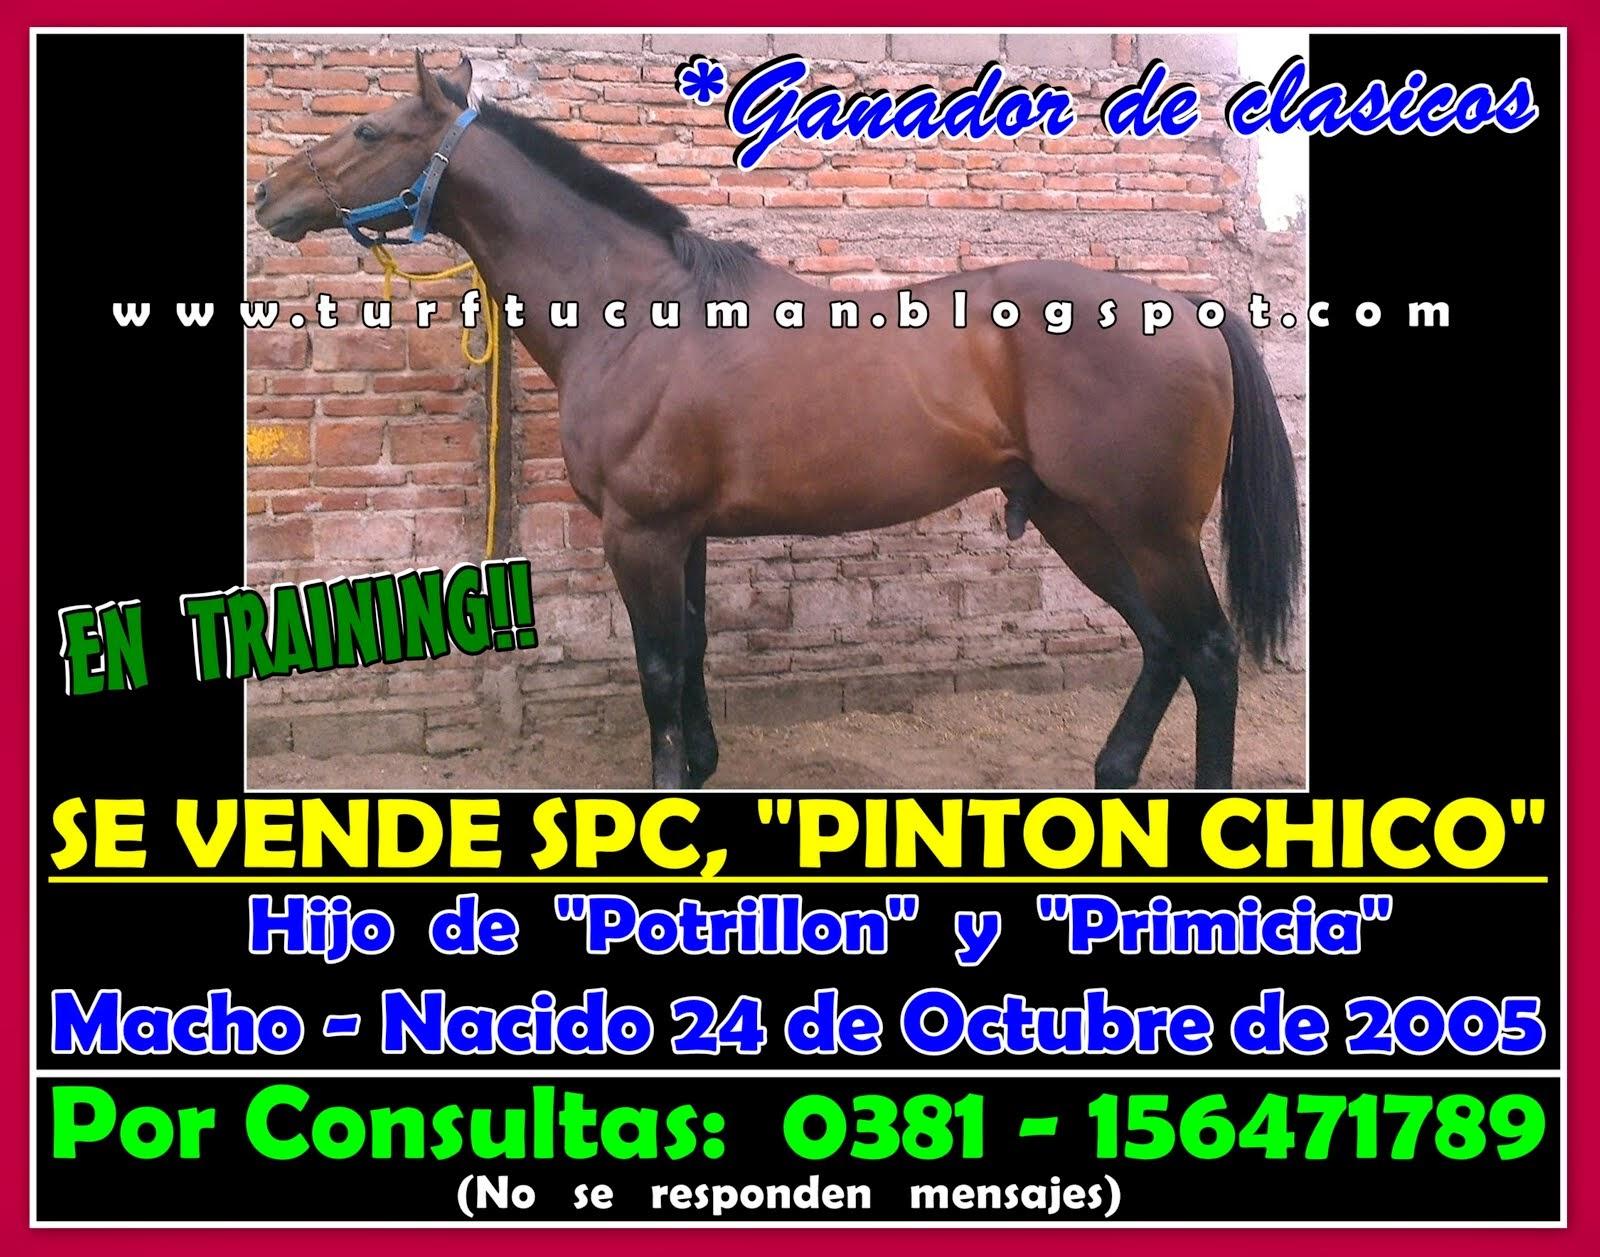 VENTA PINTON CHICO